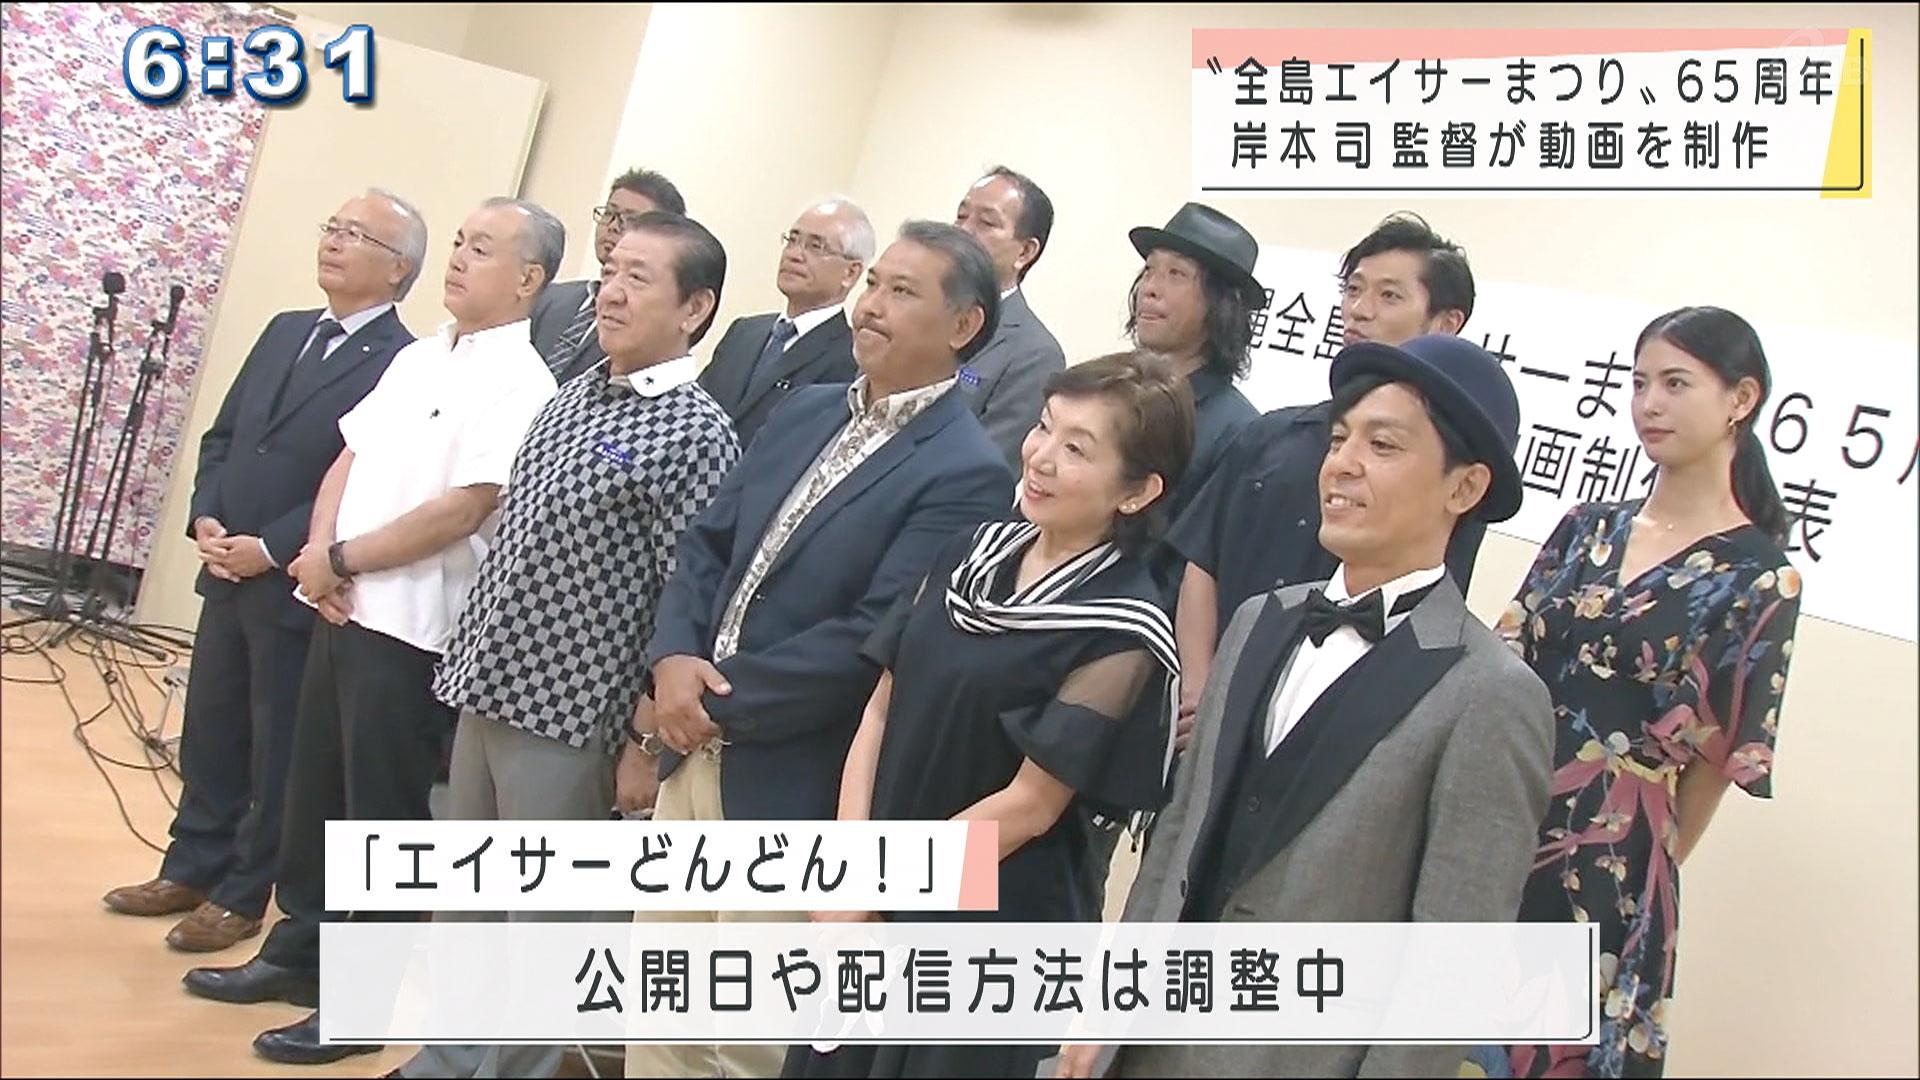 沖縄全島エイサーまつり 動画制作を発表